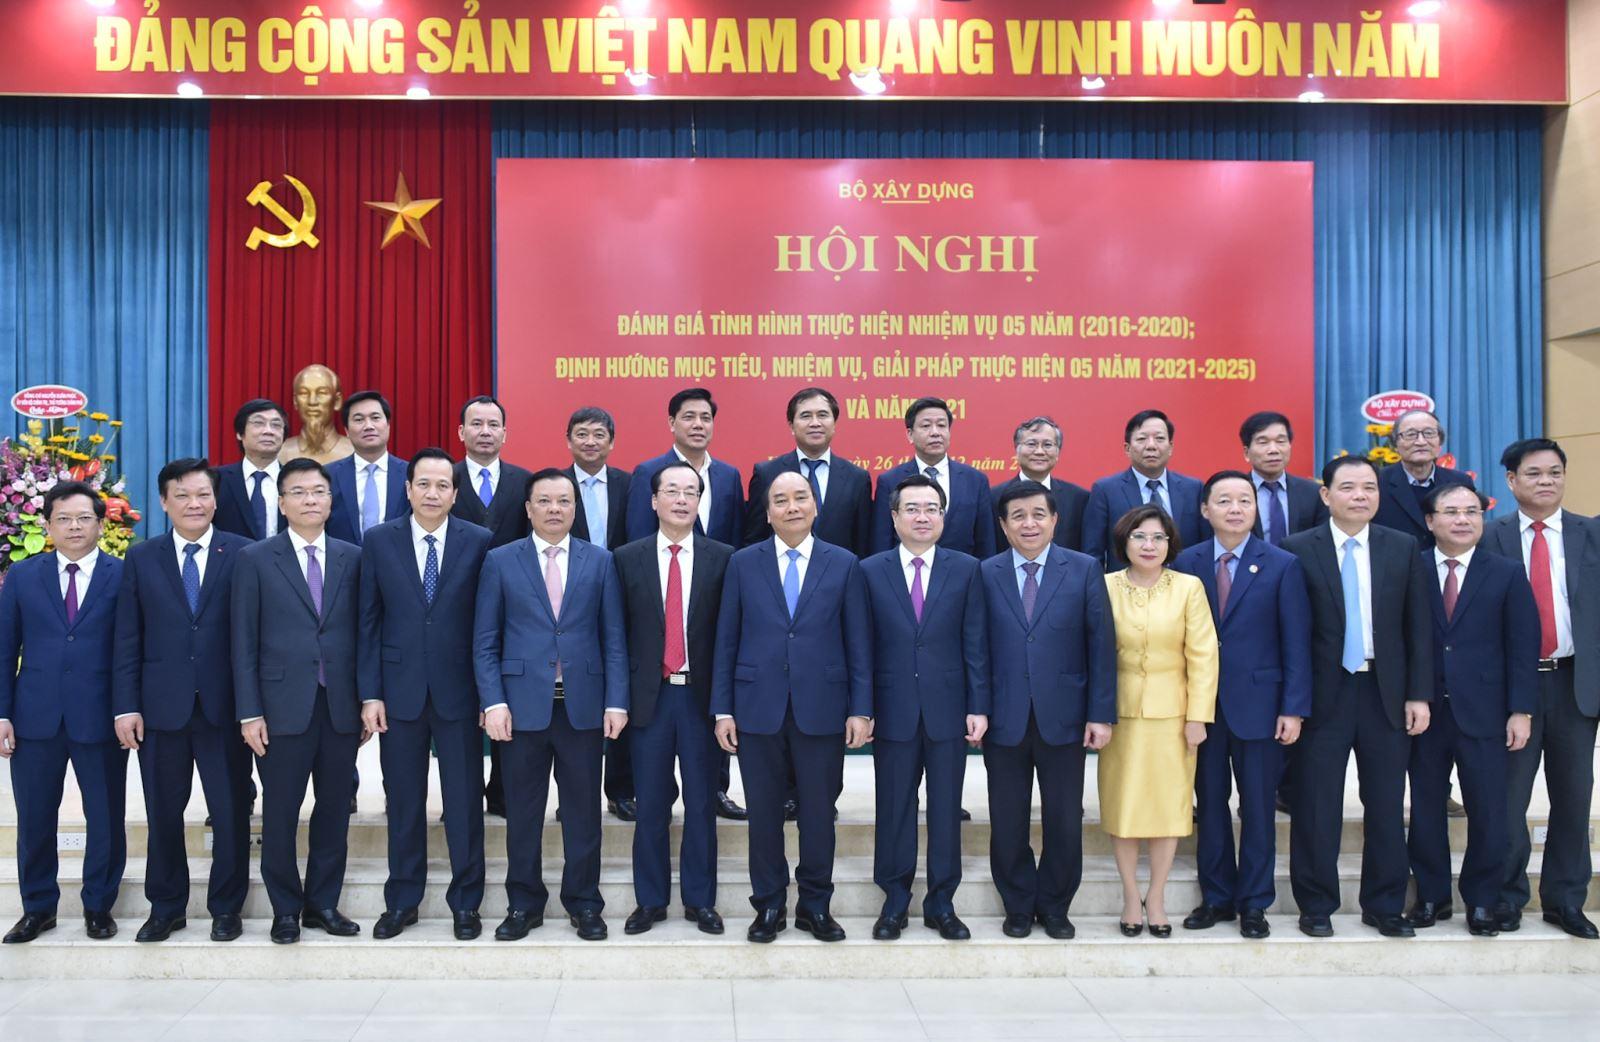 Thủ tướng Nguyễn Xuân Phúc cùng các đại biểu dự Hội nghị